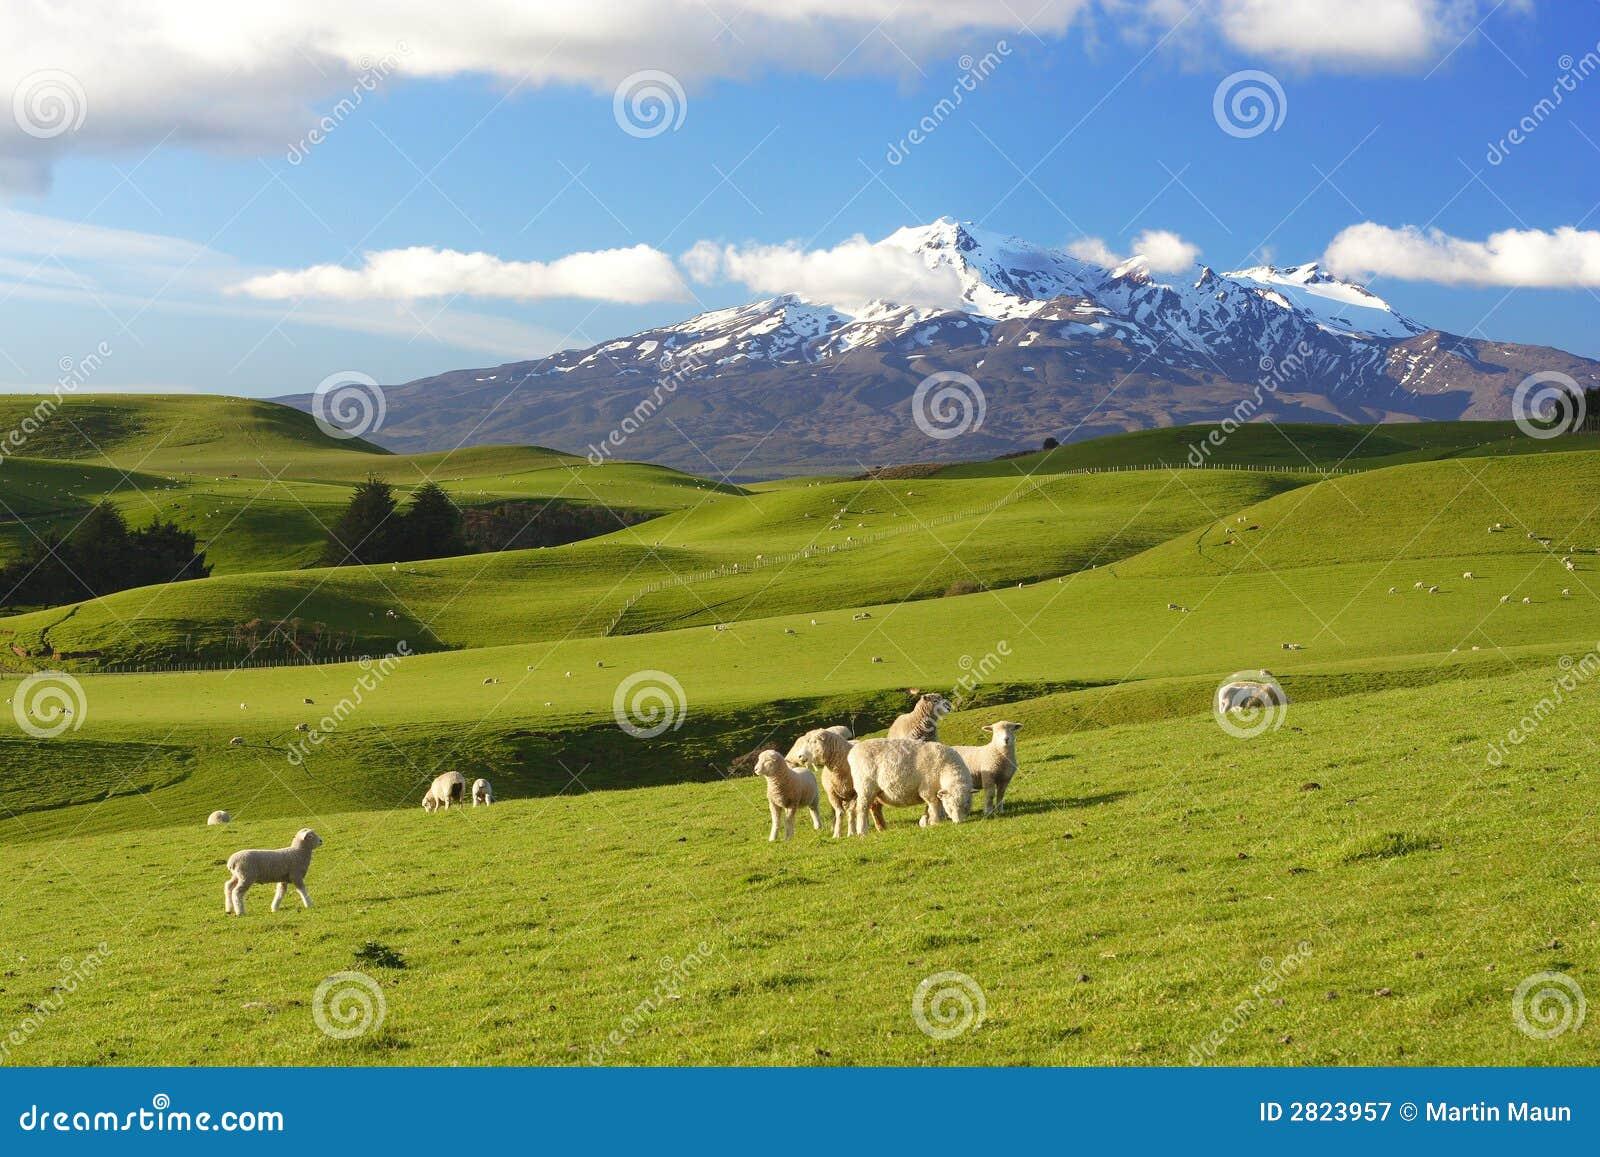 New Zealand Time Image: New Zealand Scenery Stock Image. Image Of Snowcapped